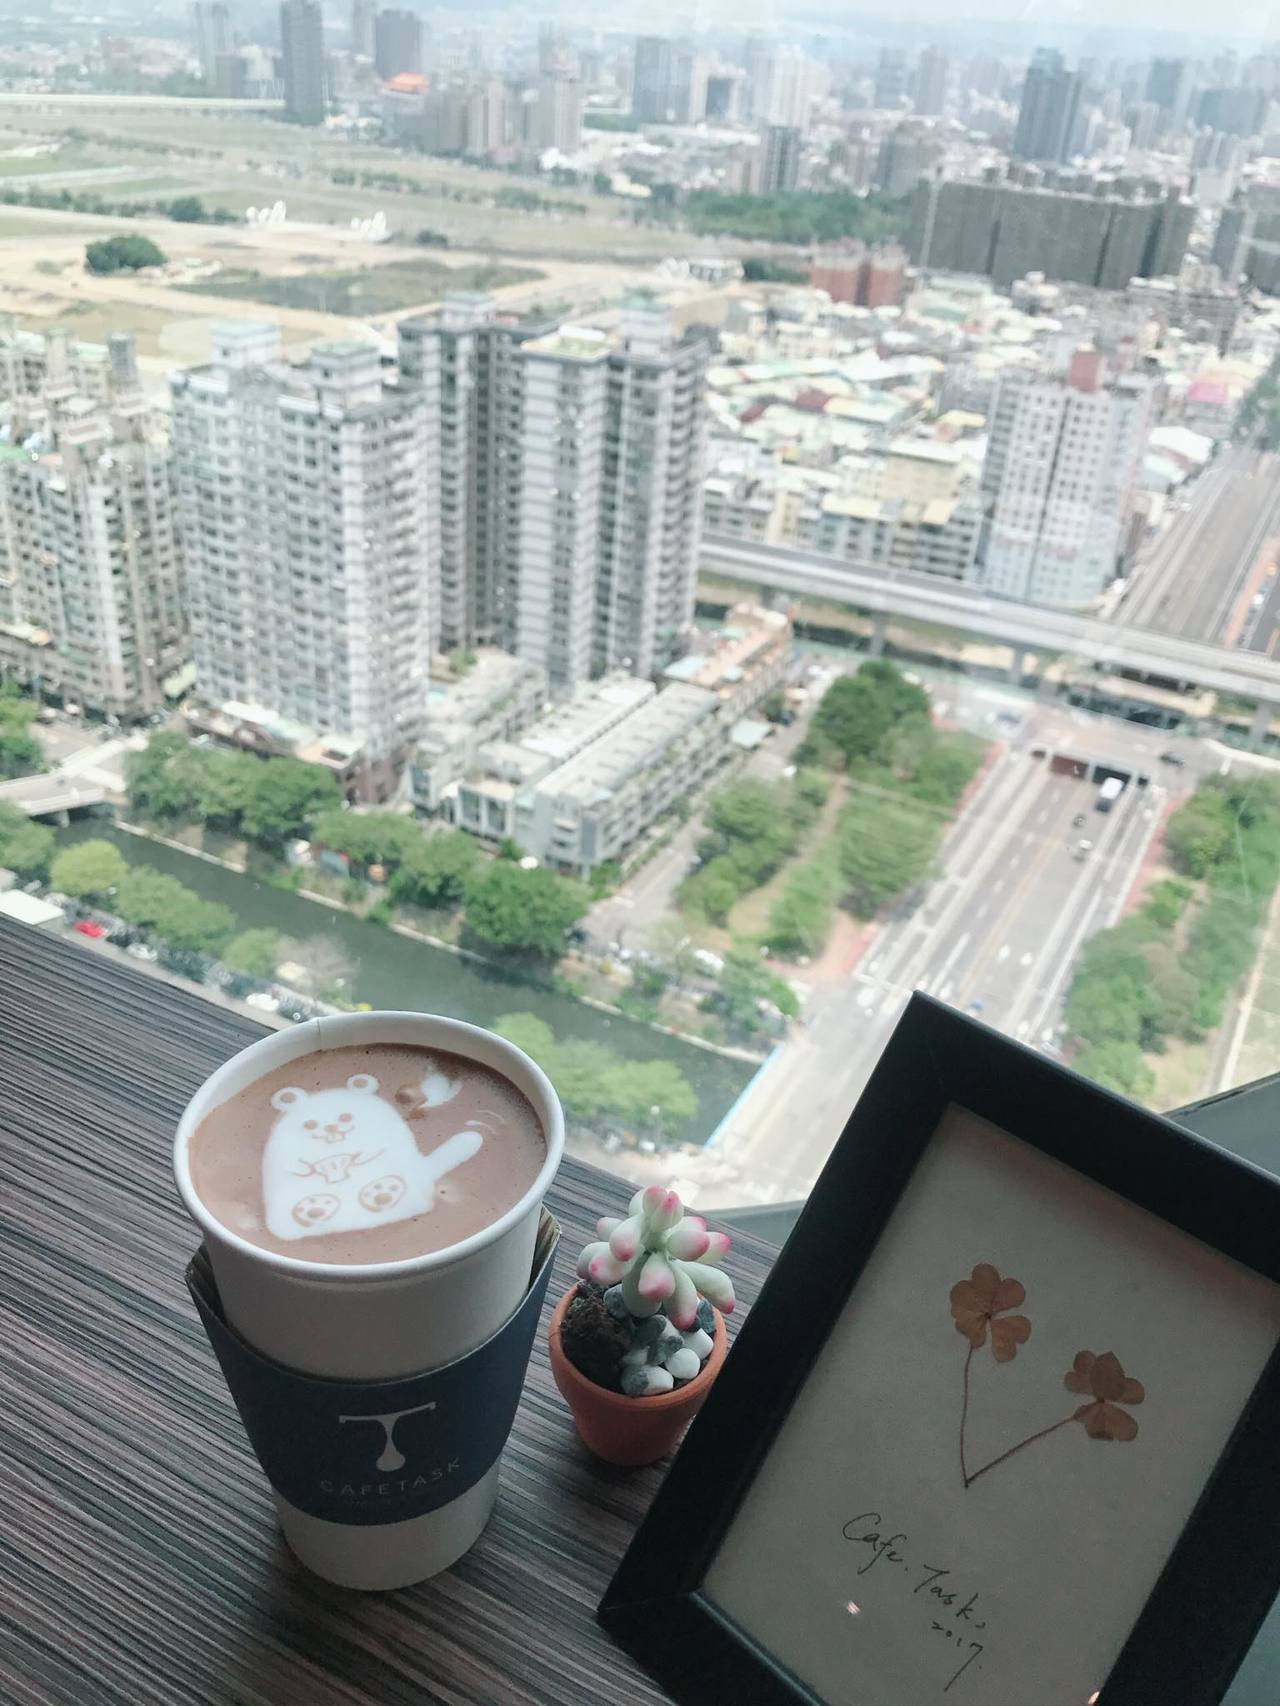 台中36樓最高咖啡館「咖啡任務」 花百元高空賞景用餐